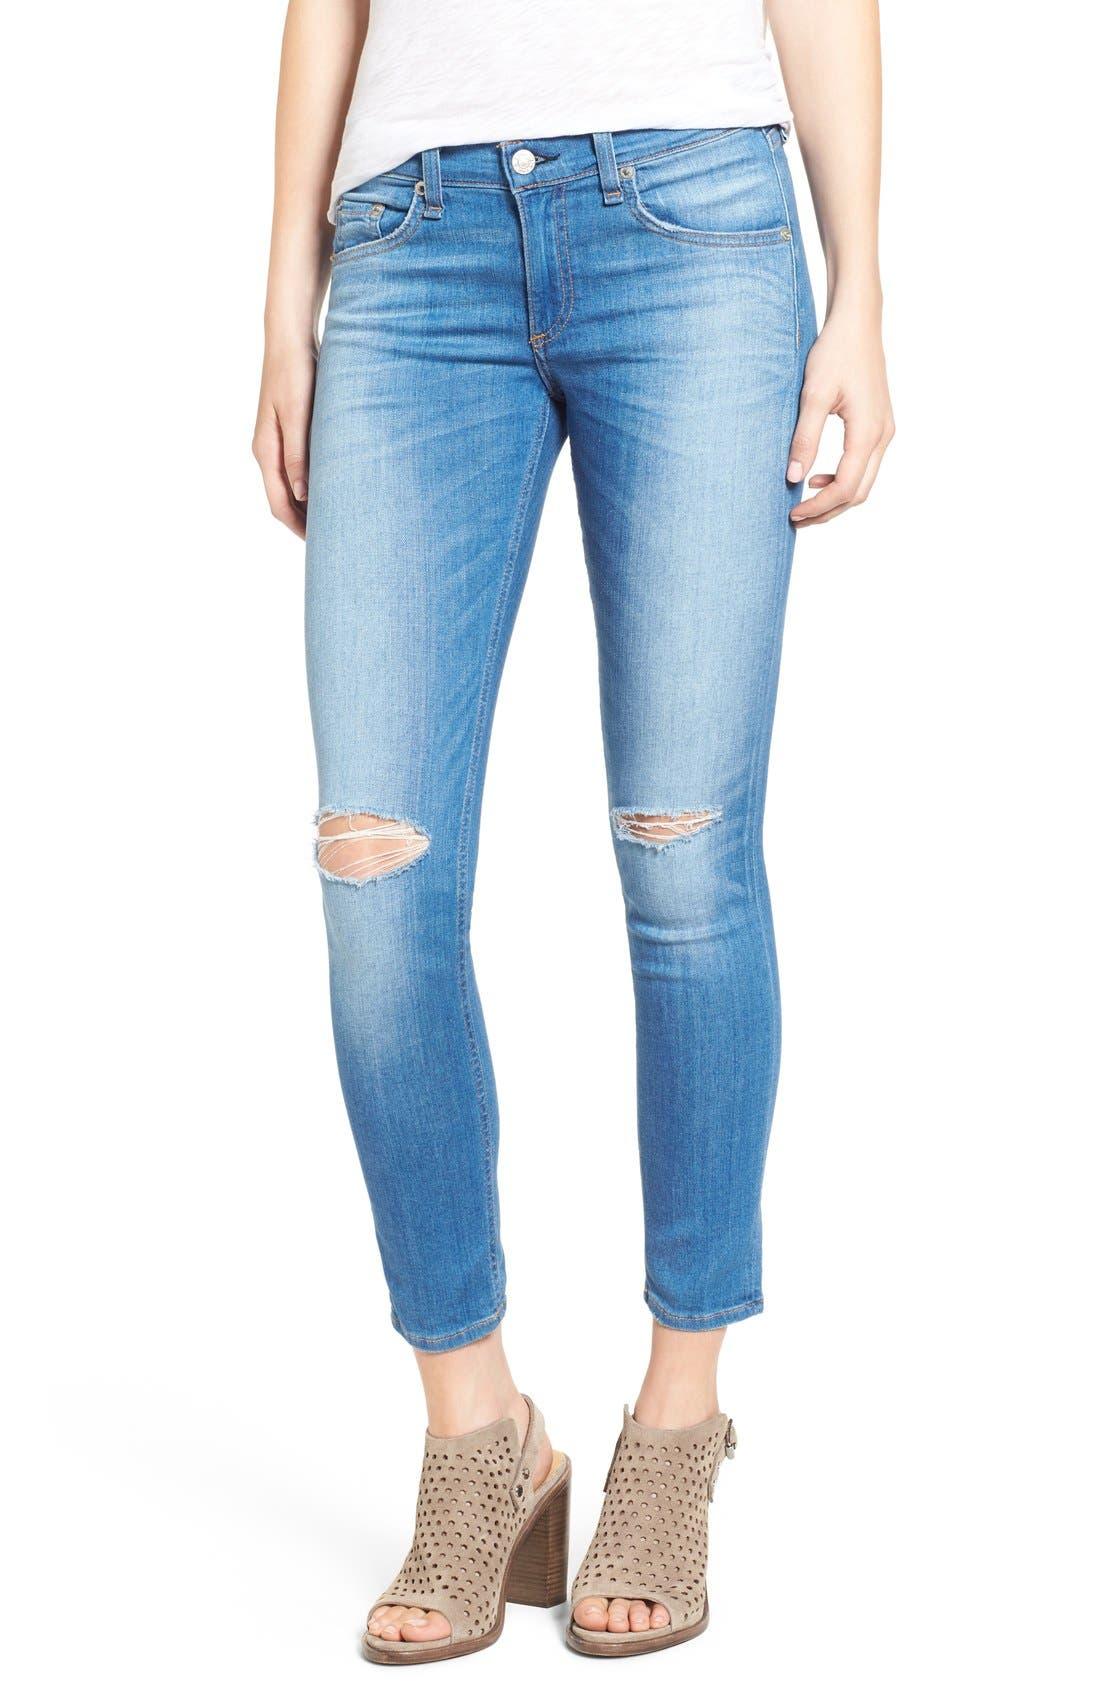 Alternate Image 1 Selected - rag & bone/JEAN Destroyed Crop Skinny Jeans